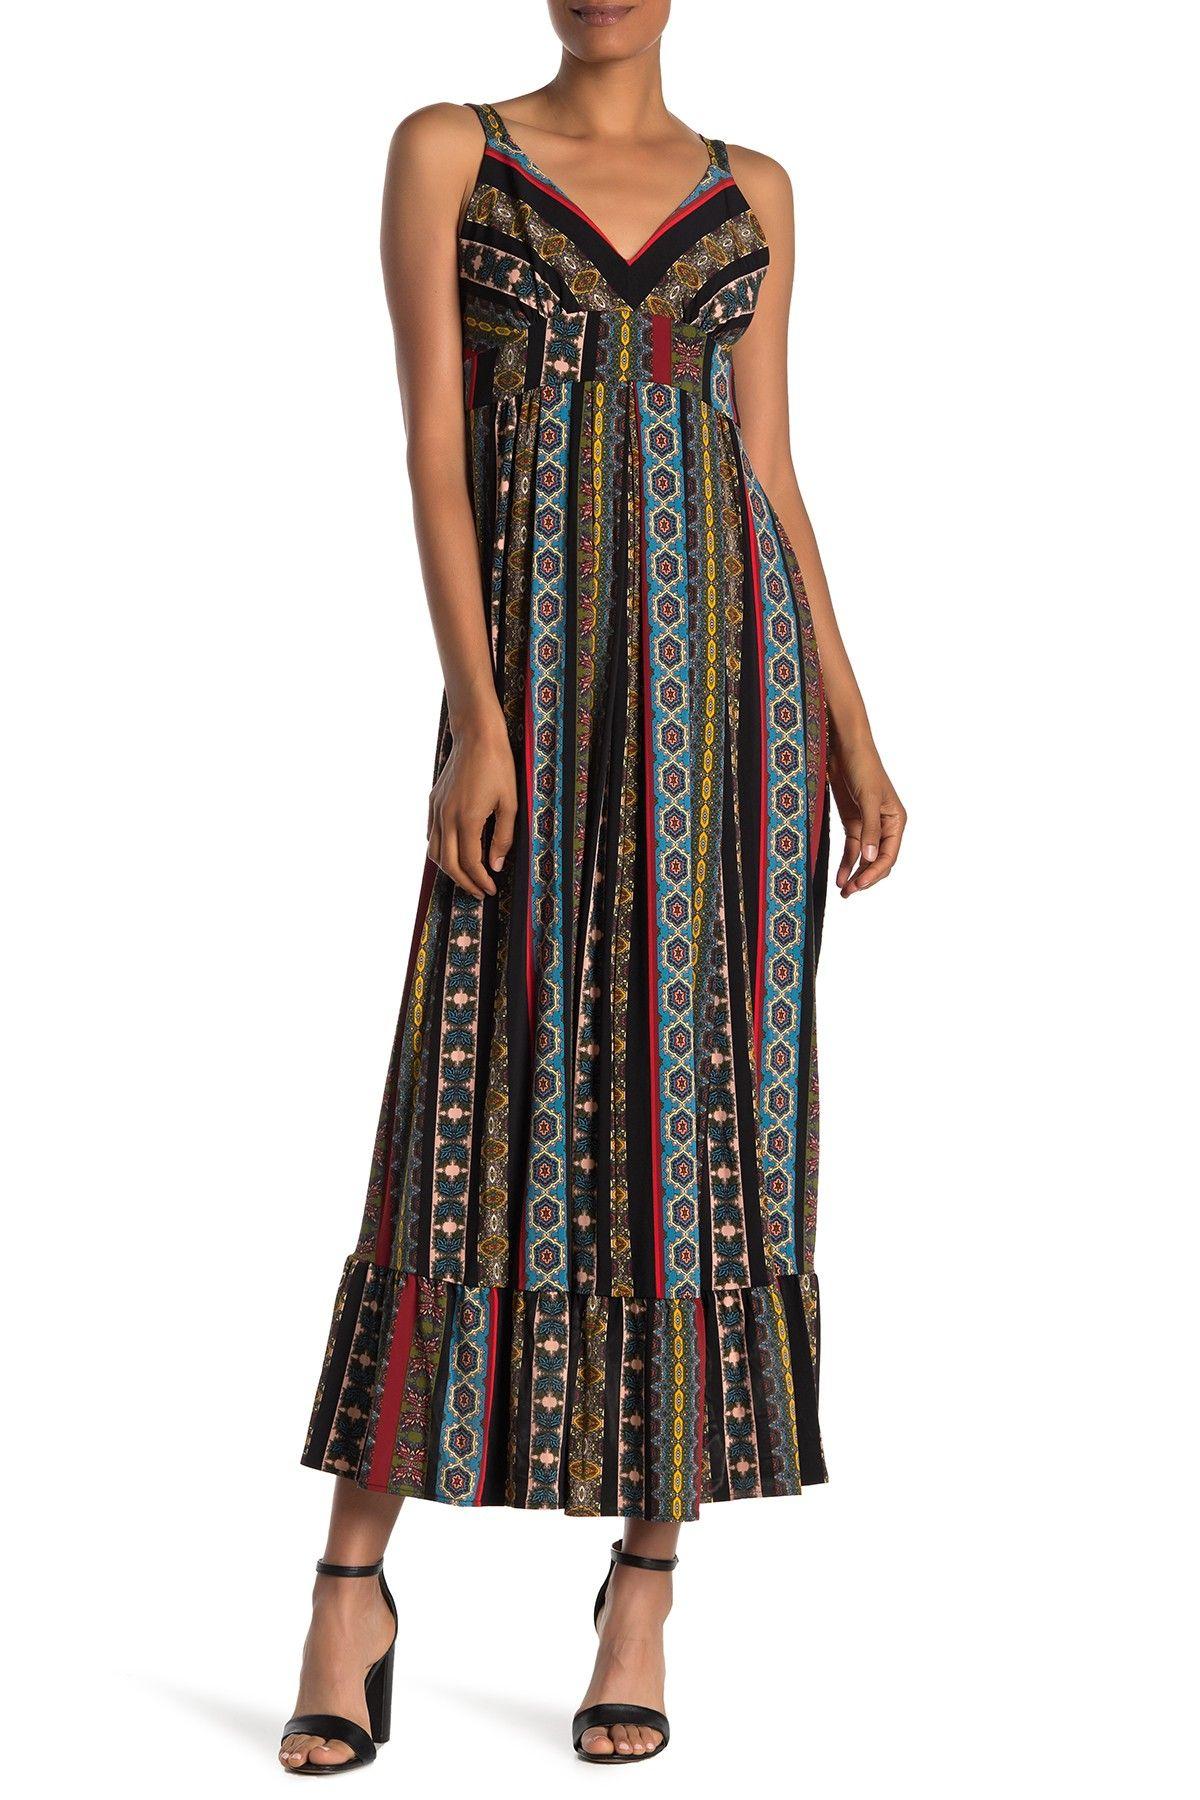 Tahari Asl Floral Print V Neck Tie Waist Charmeuse Maxi Dress Dillard S Maxi Dress Floral Maxi Dress Pretty Dresses [ 2040 x 1760 Pixel ]